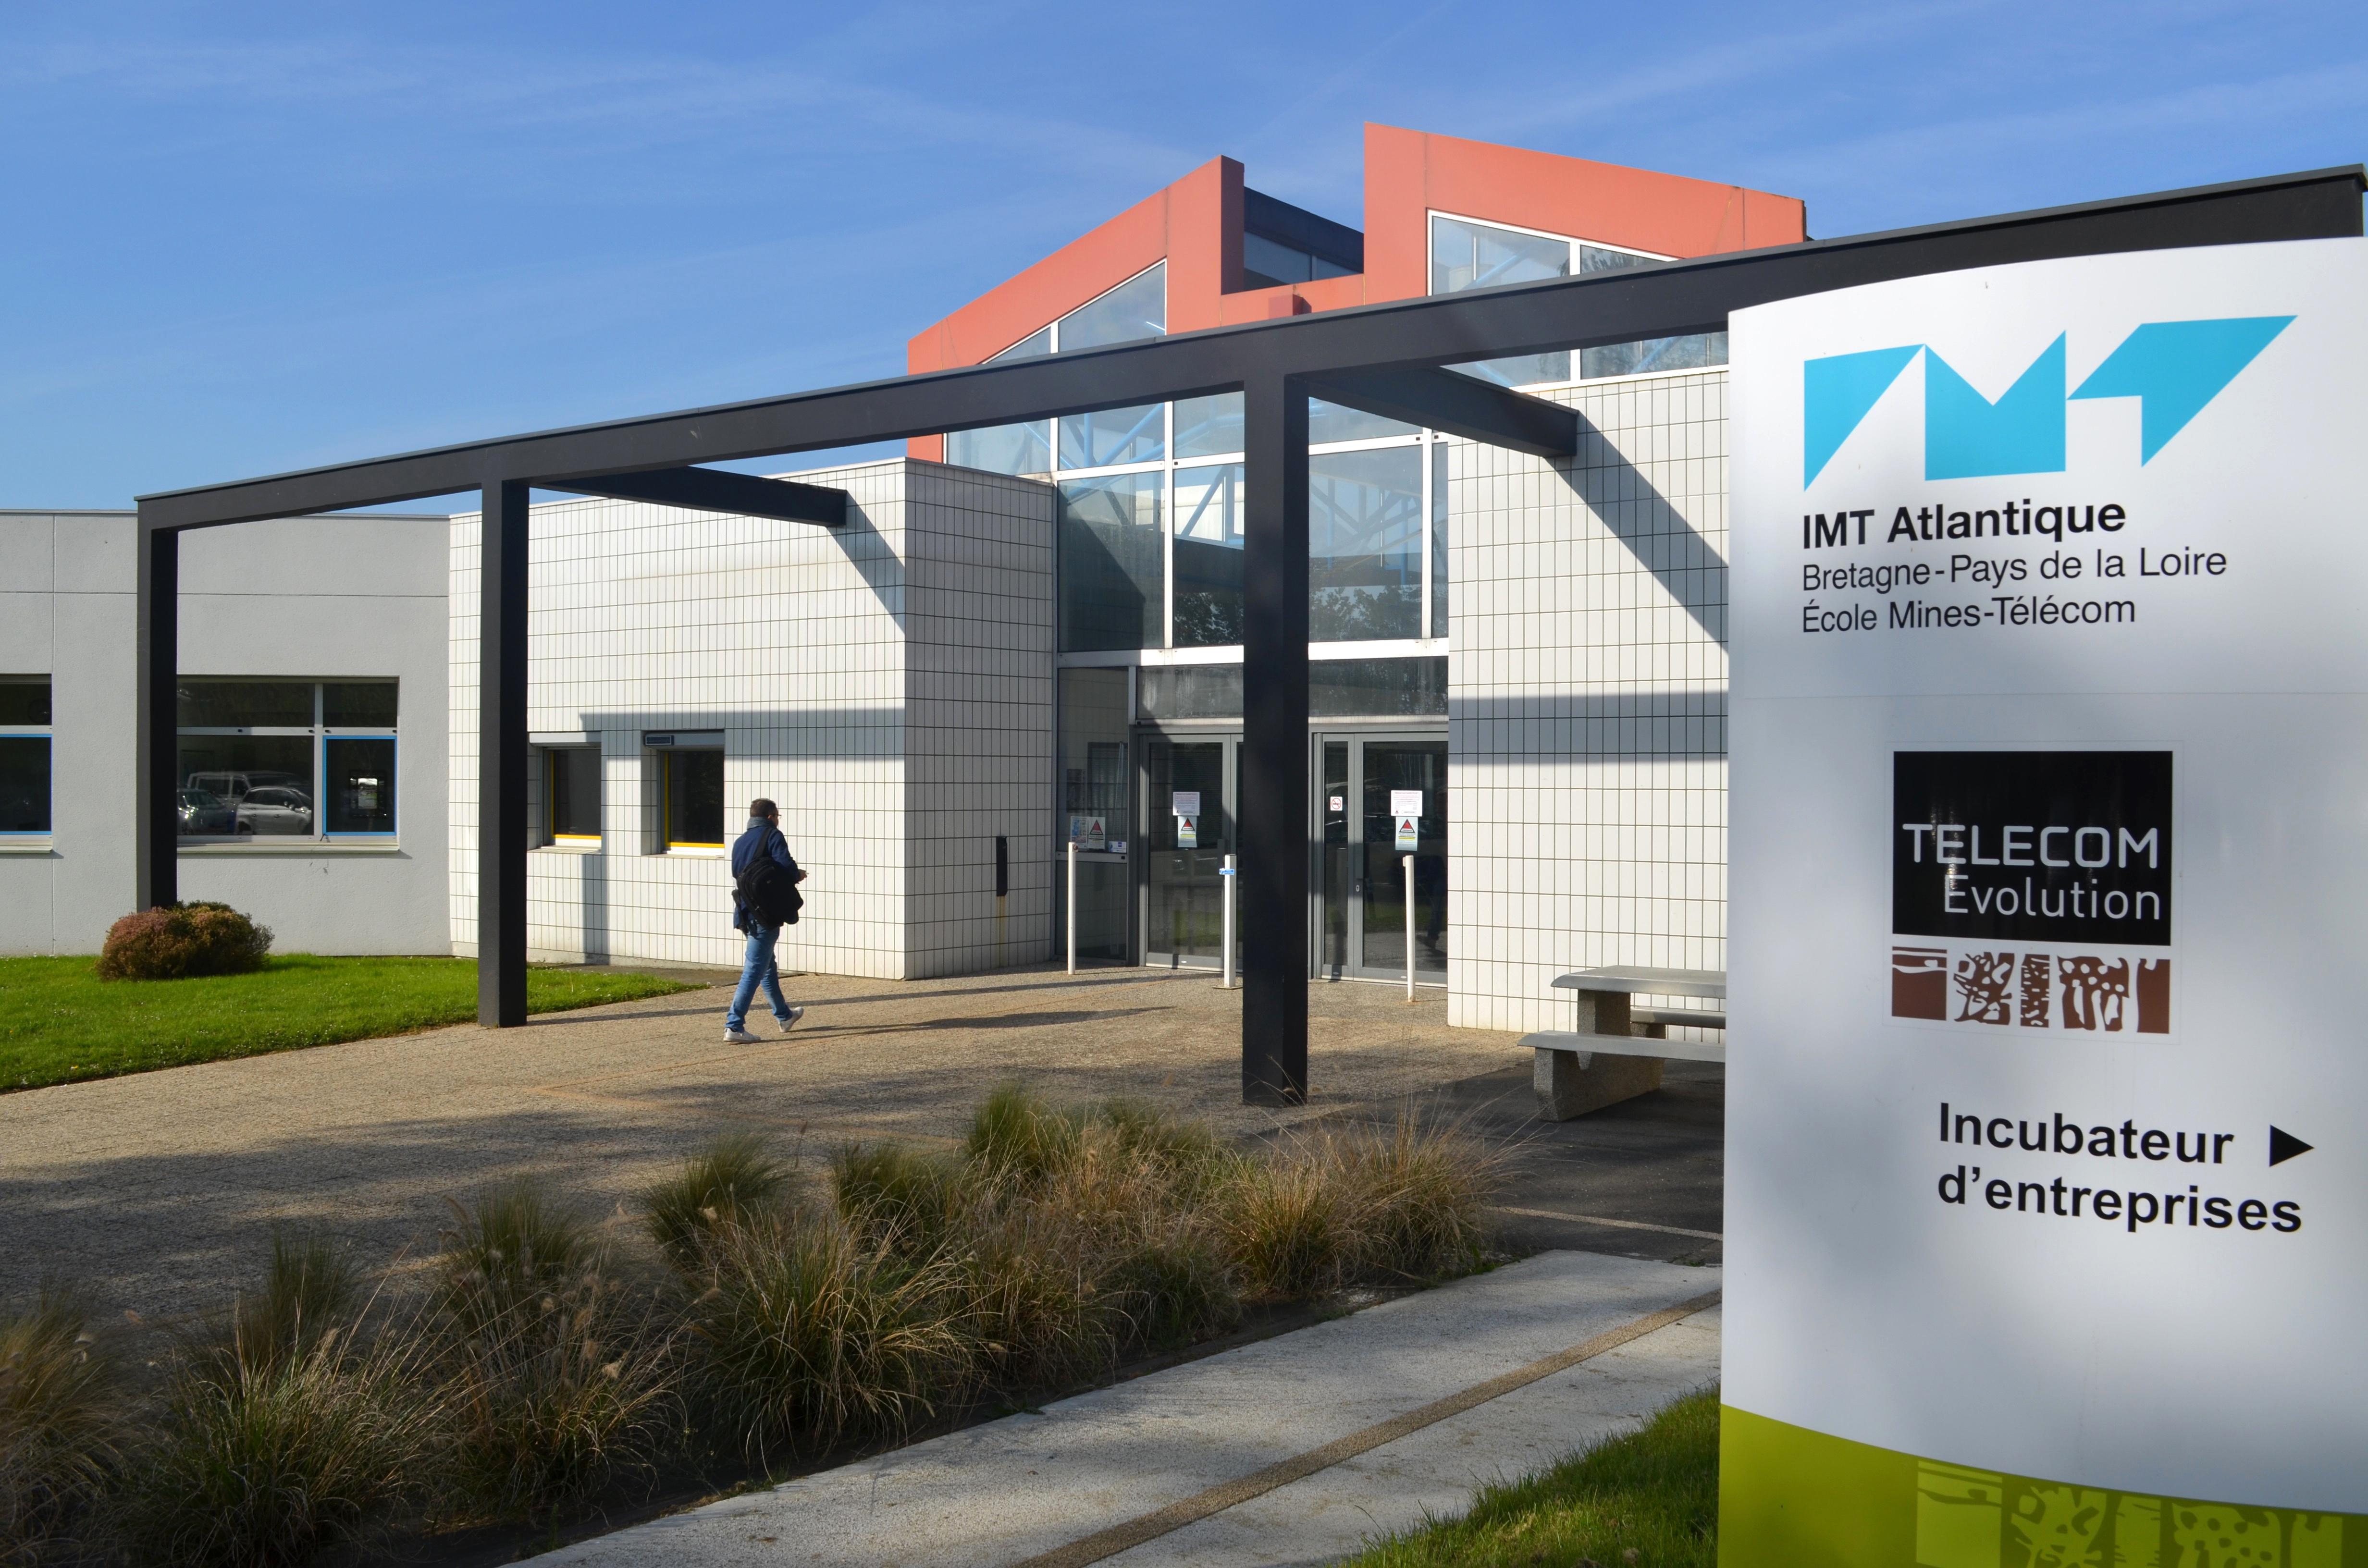 IMT Atlantique : nouvelle stratégie pour « révéler l'ingénieur-e qui est en vous »